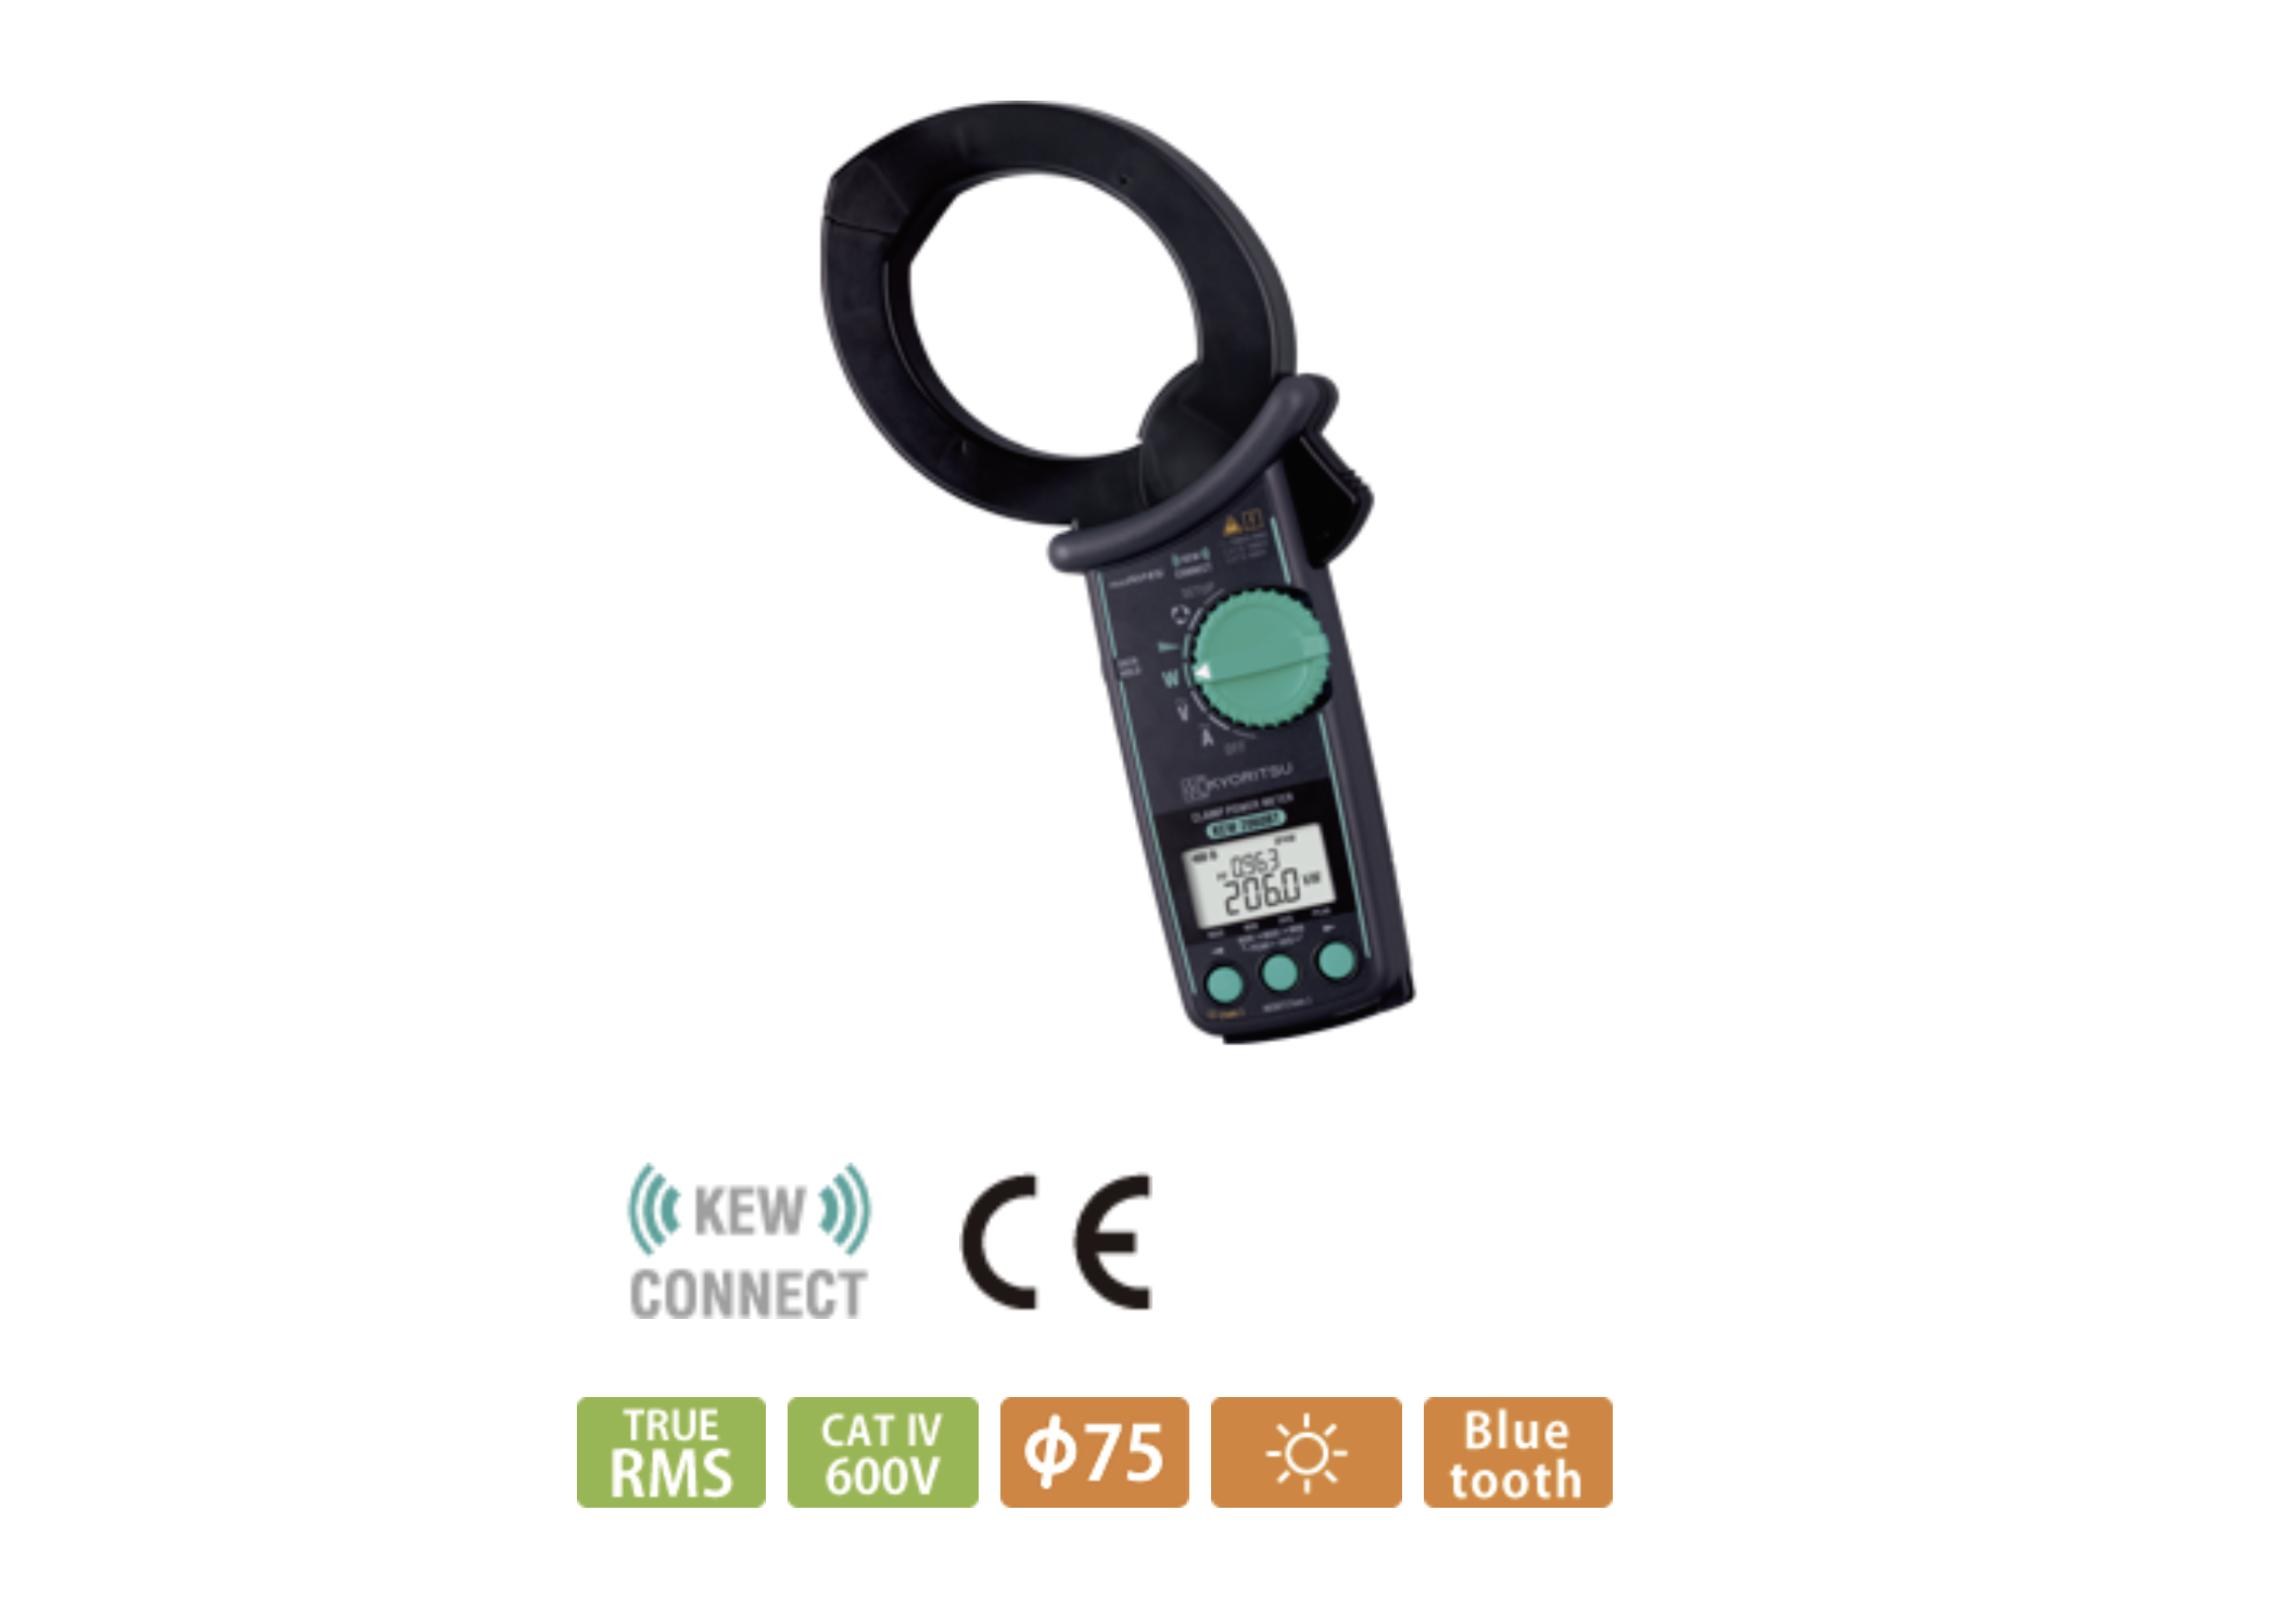 【共立電気計器】Bluetooth搭載でリアルタイムに波形観測『クランプパワーメータ KEW 2060BT』の画像